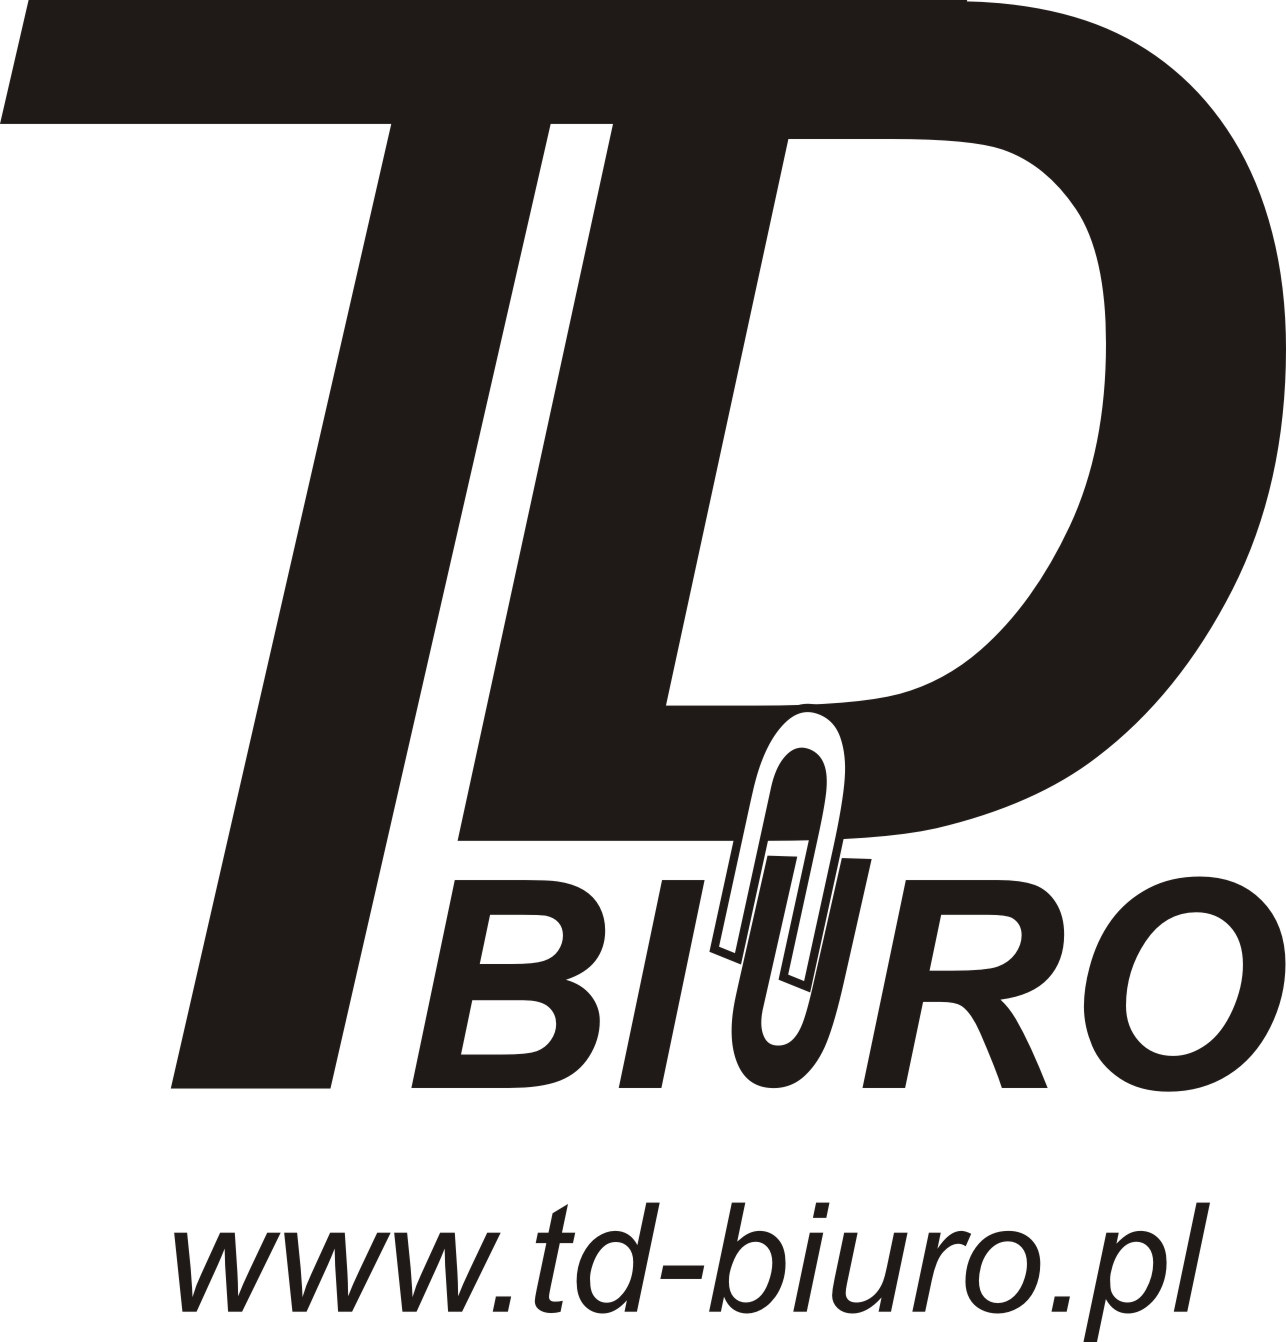 TD BIURO